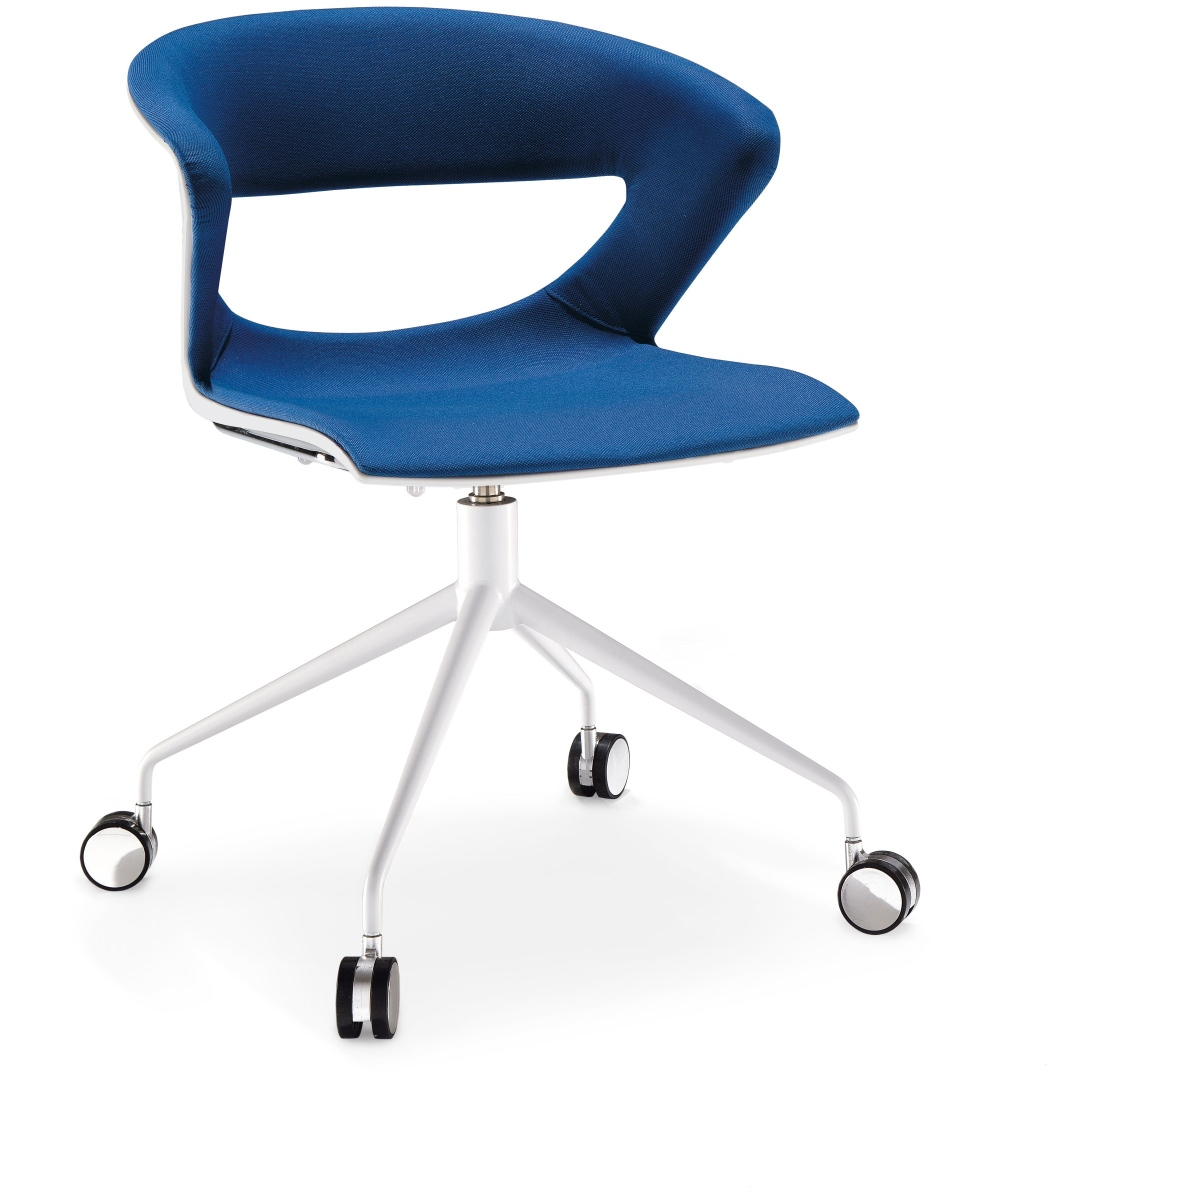 kastel kicca drehstuhl mit 4 fu gestell und rollen nicht. Black Bedroom Furniture Sets. Home Design Ideas